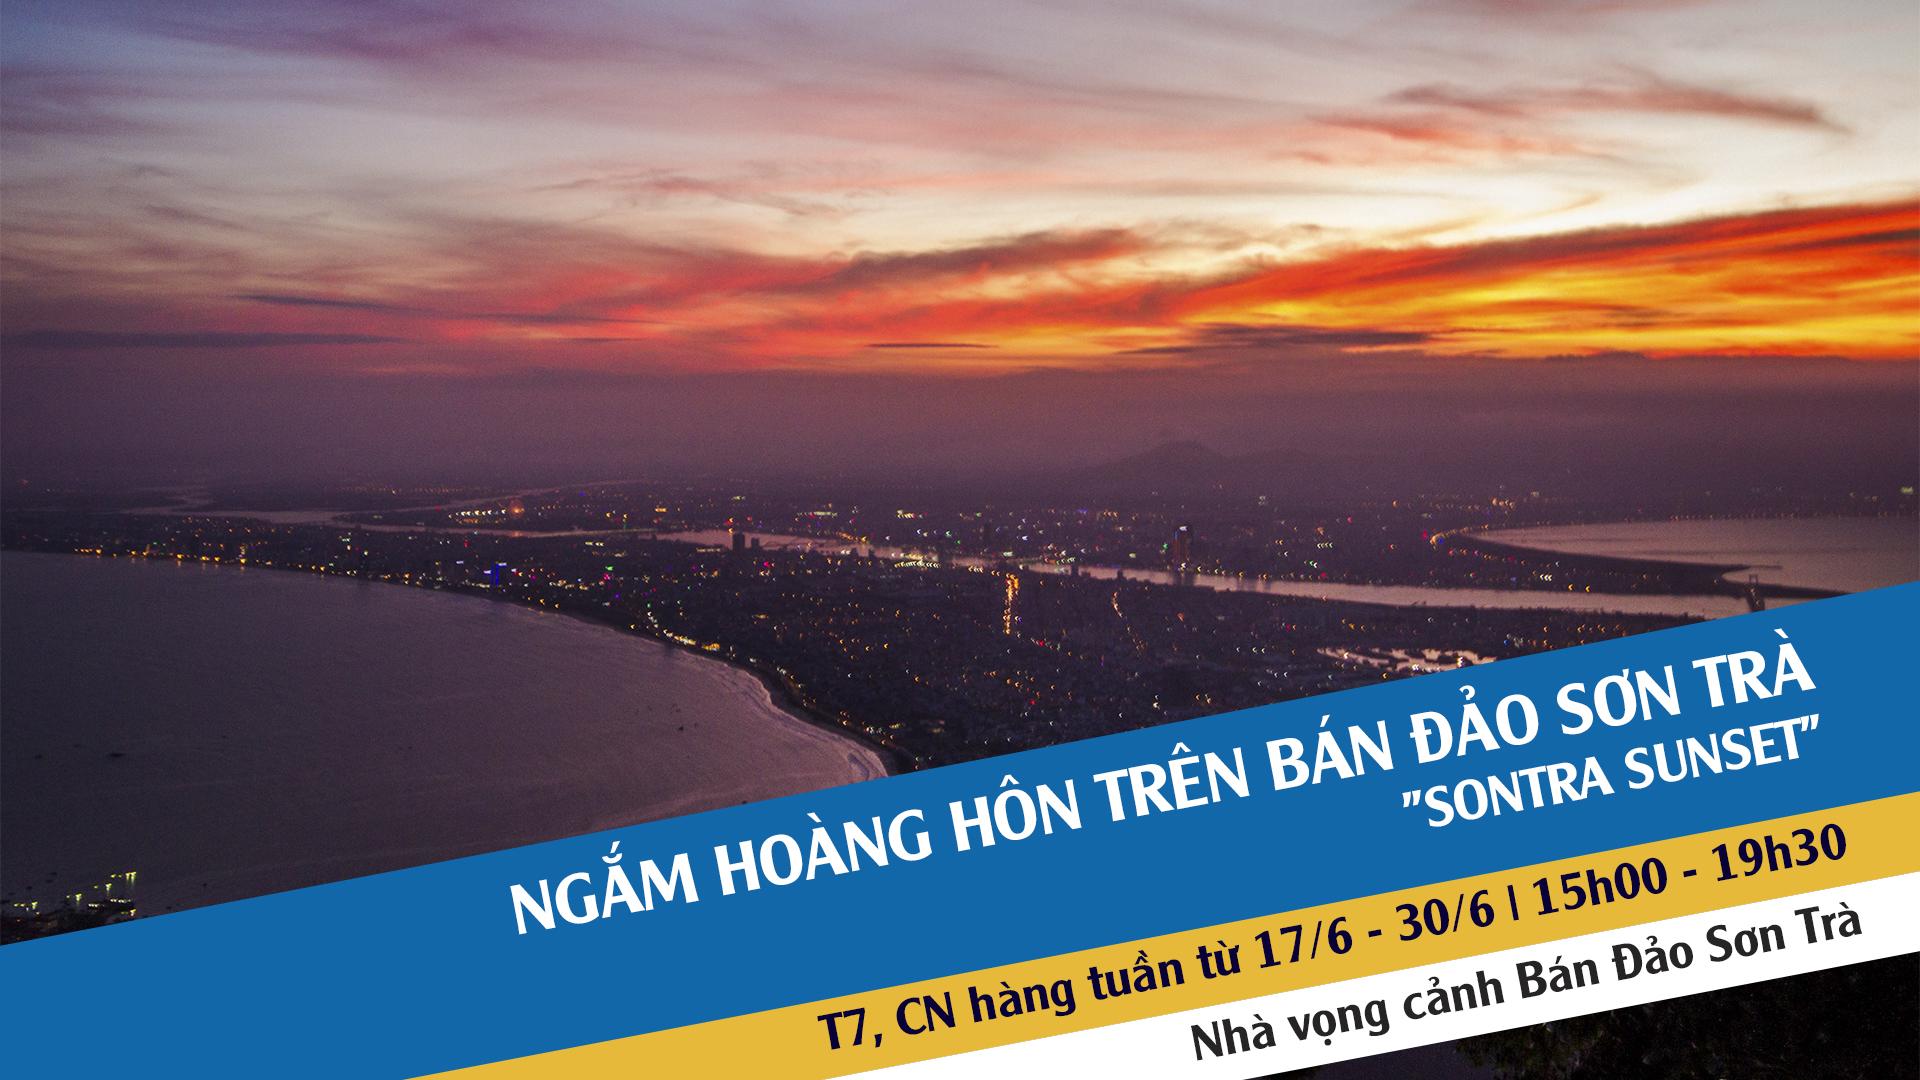 Đà Nẵng - Điểm hẹn mùa hè 2017 14